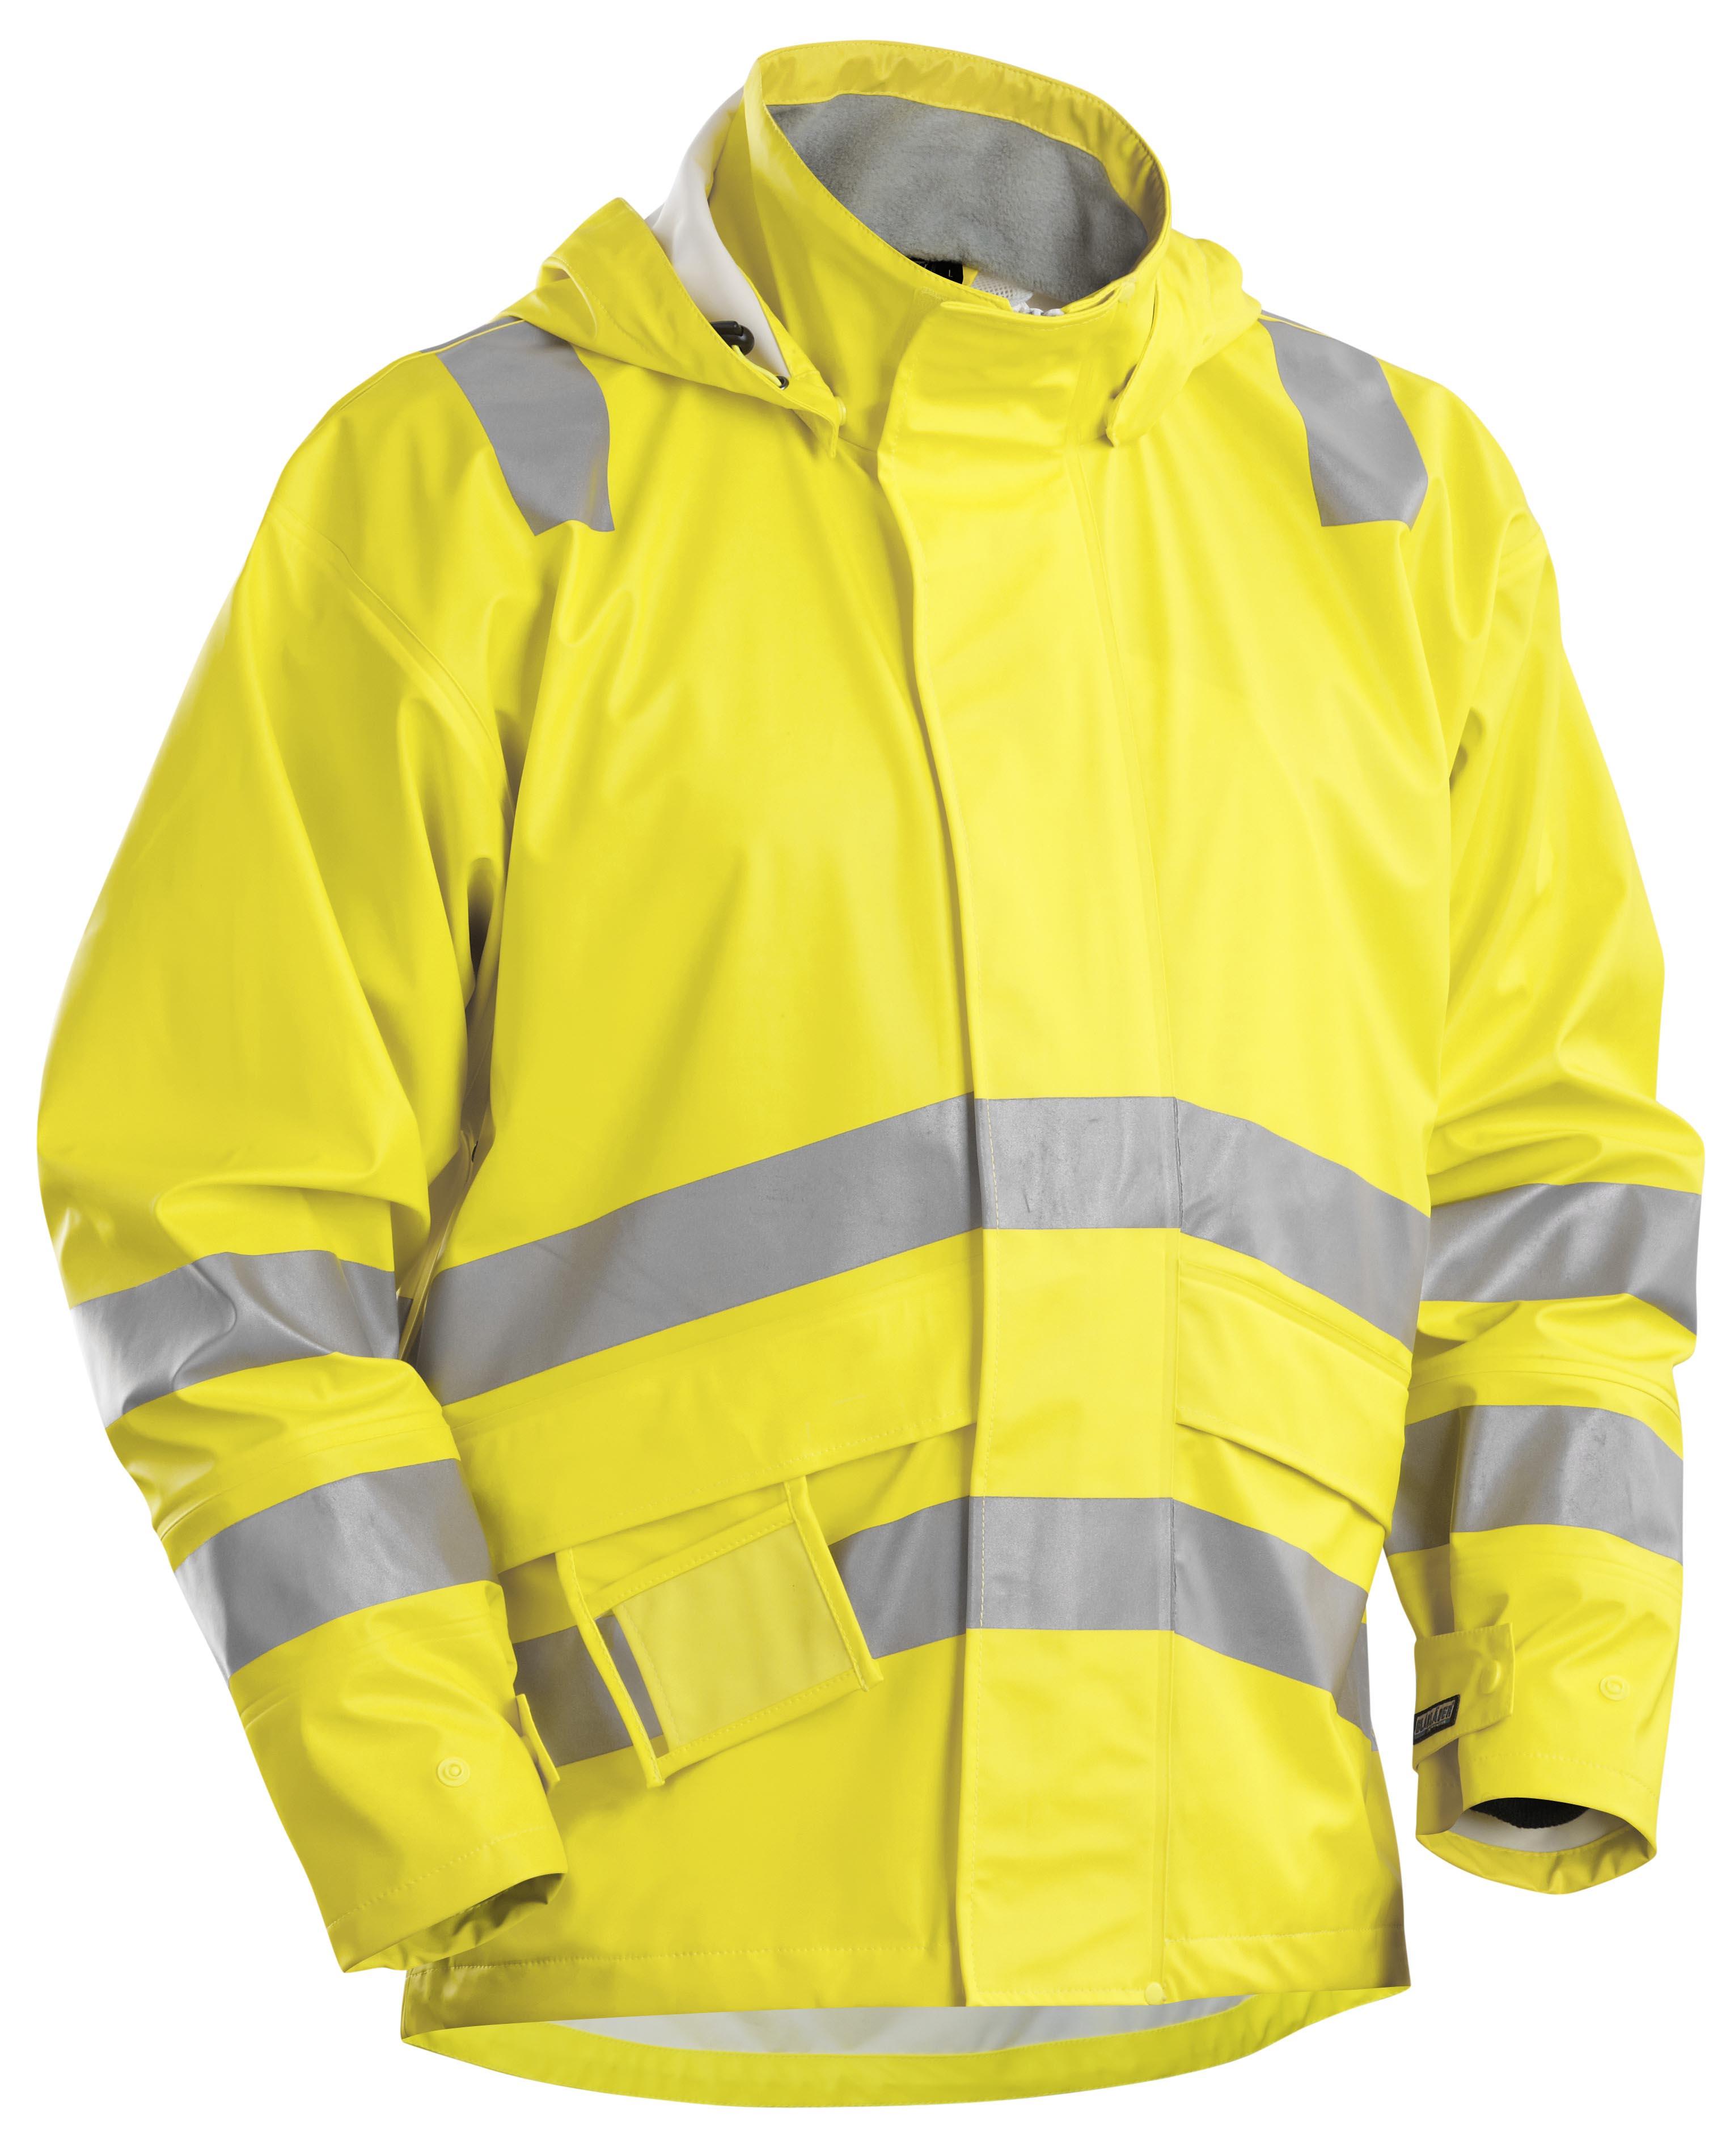 veste de pluie rf jaune veste de travail v tements de pluie v tements de travail. Black Bedroom Furniture Sets. Home Design Ideas